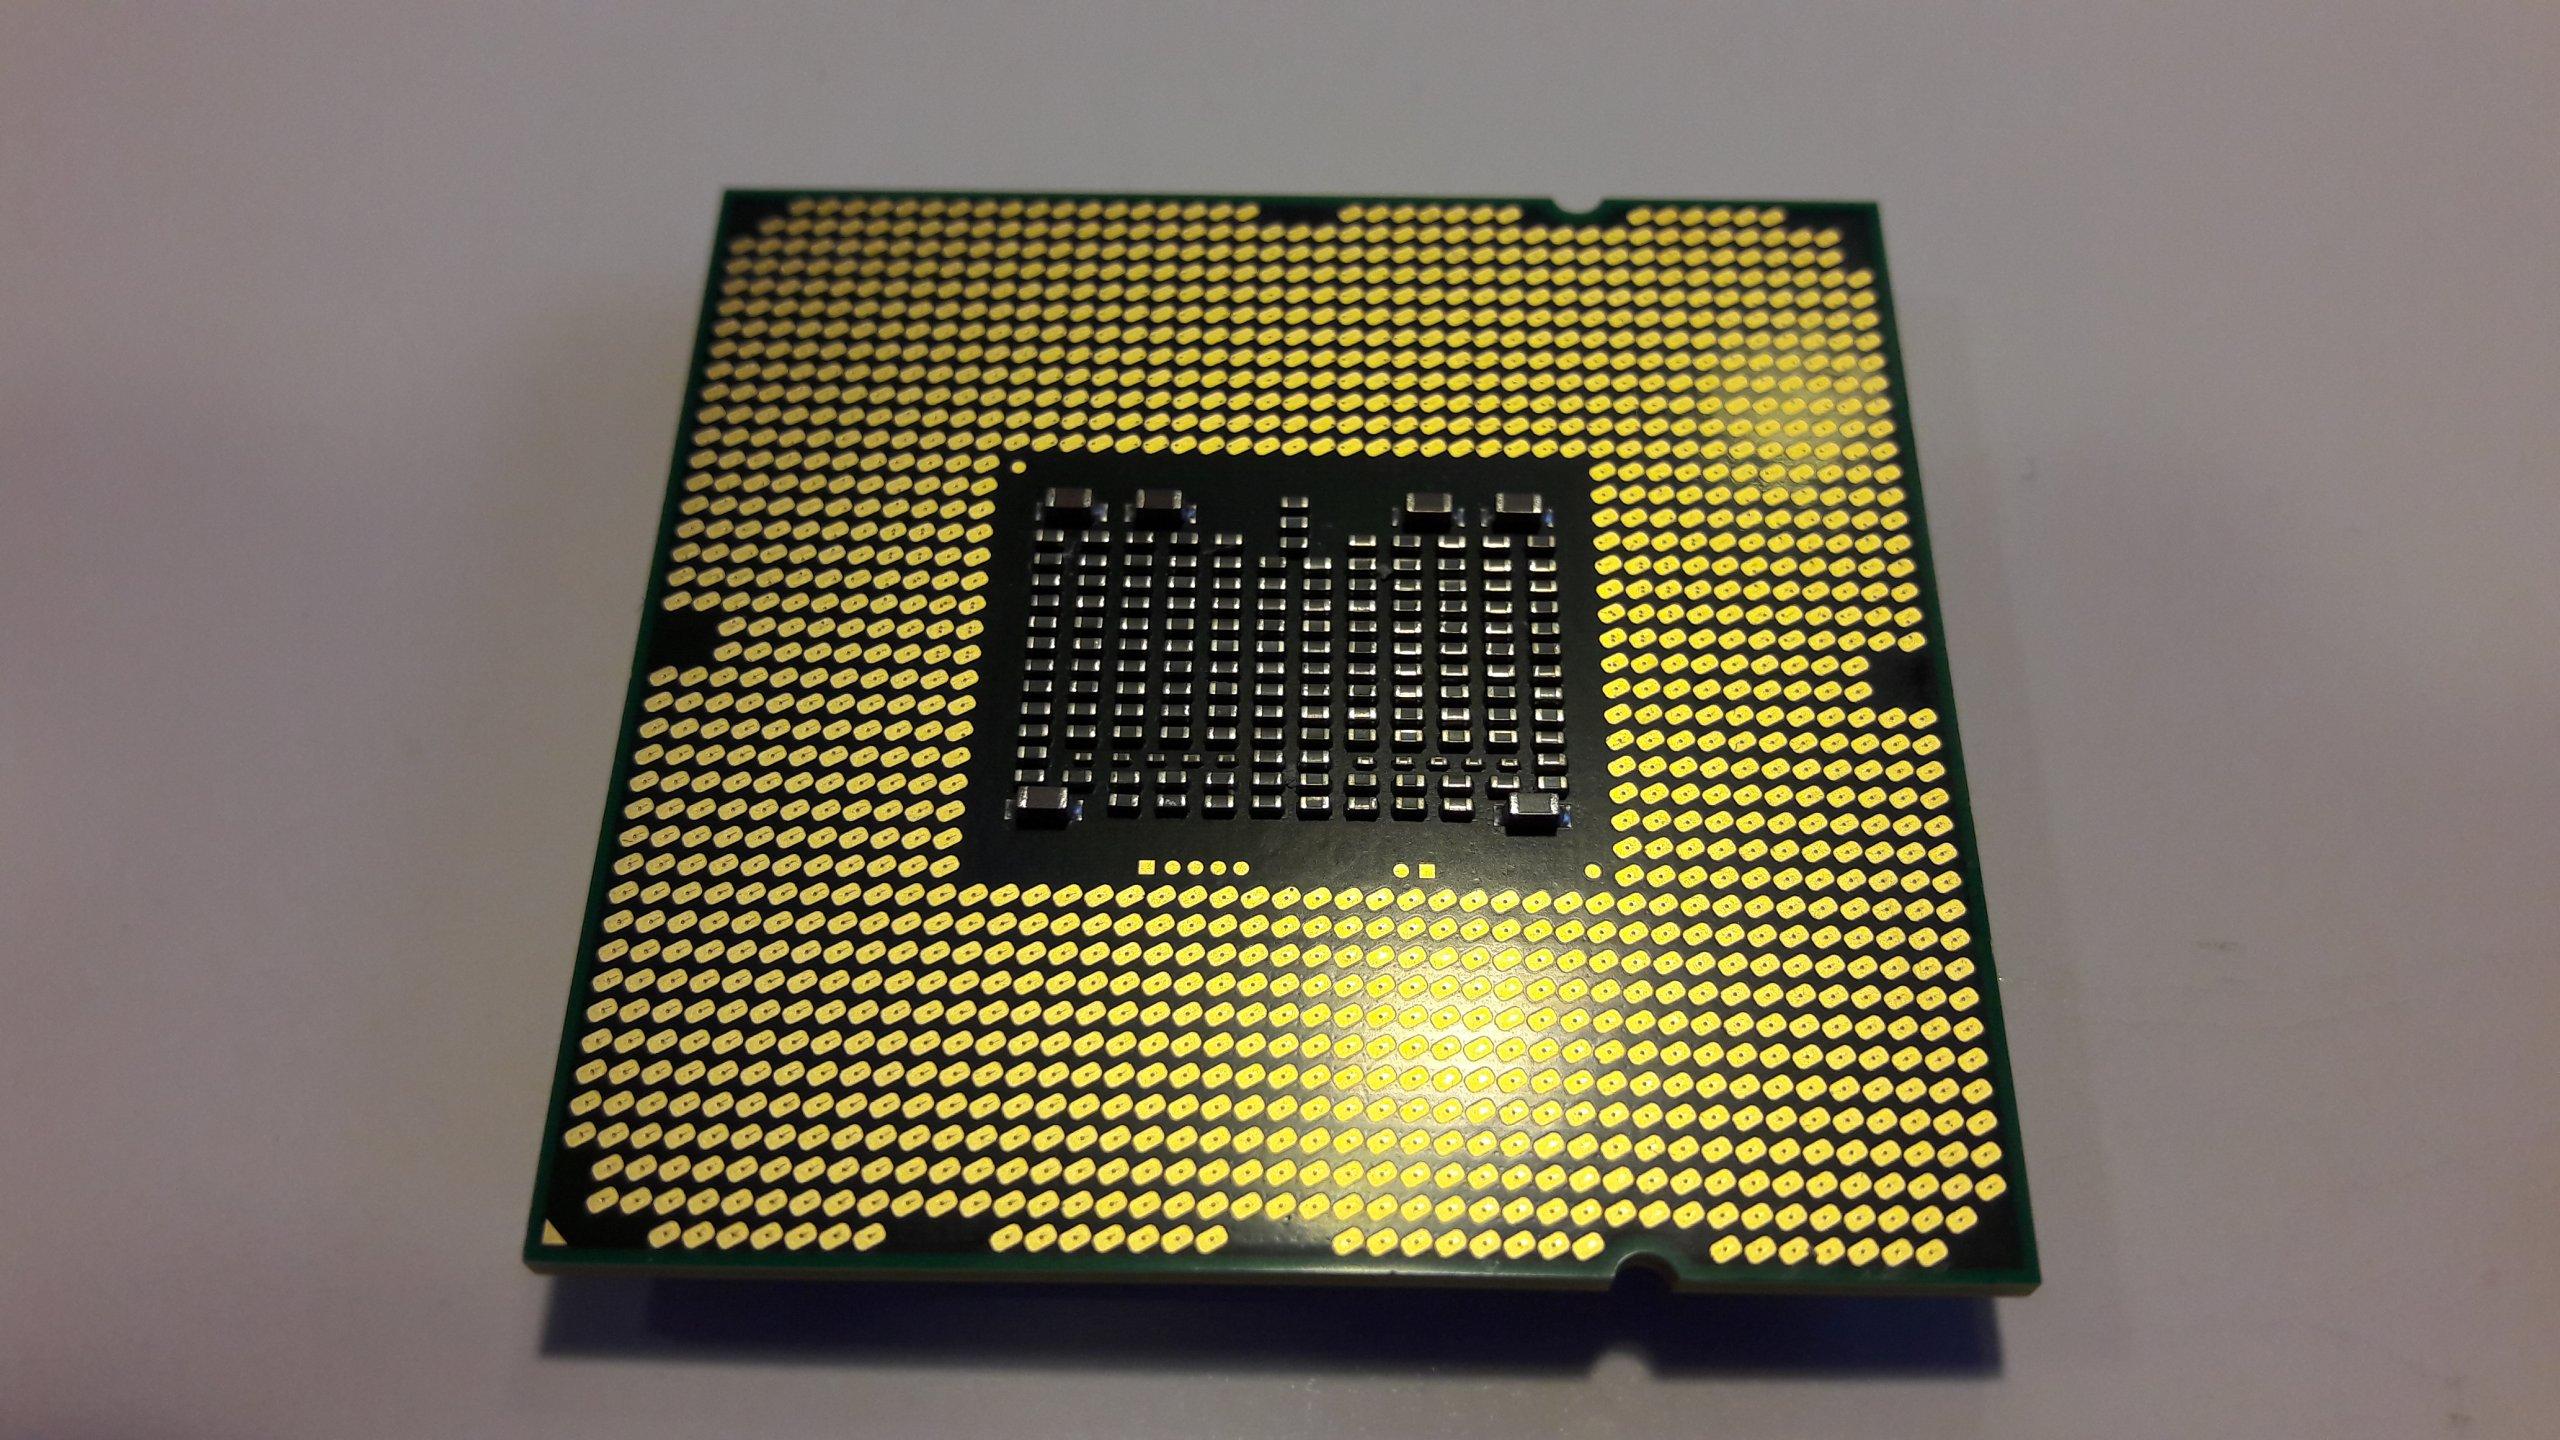 2x Procesor X5690 LGA1366 6r/12w i7 990X/W3690 - 7237952079